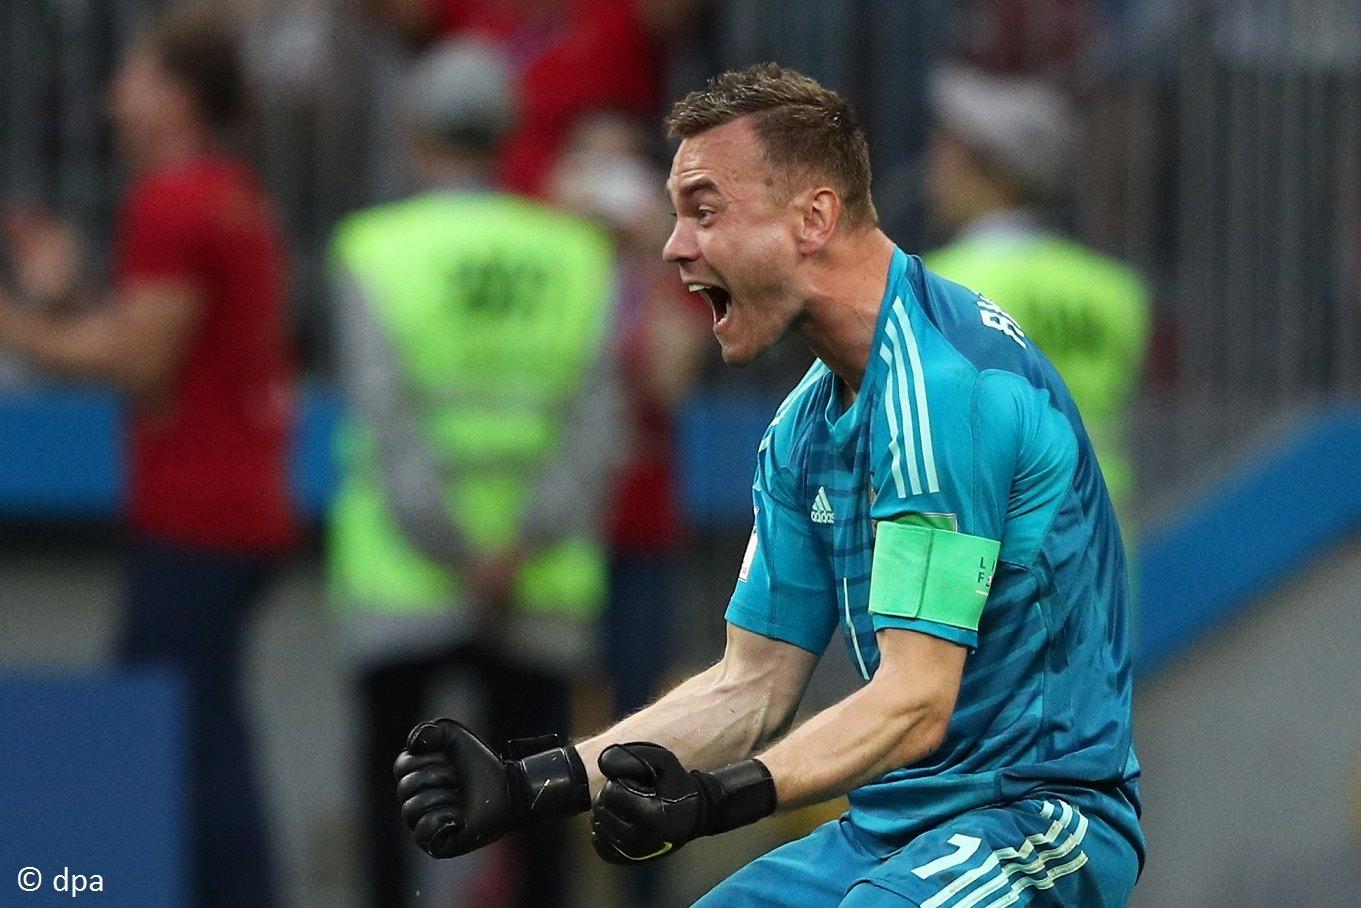 Сборная России вышла в 1/4 финала ЧМ в футболках из переработанных бутылок